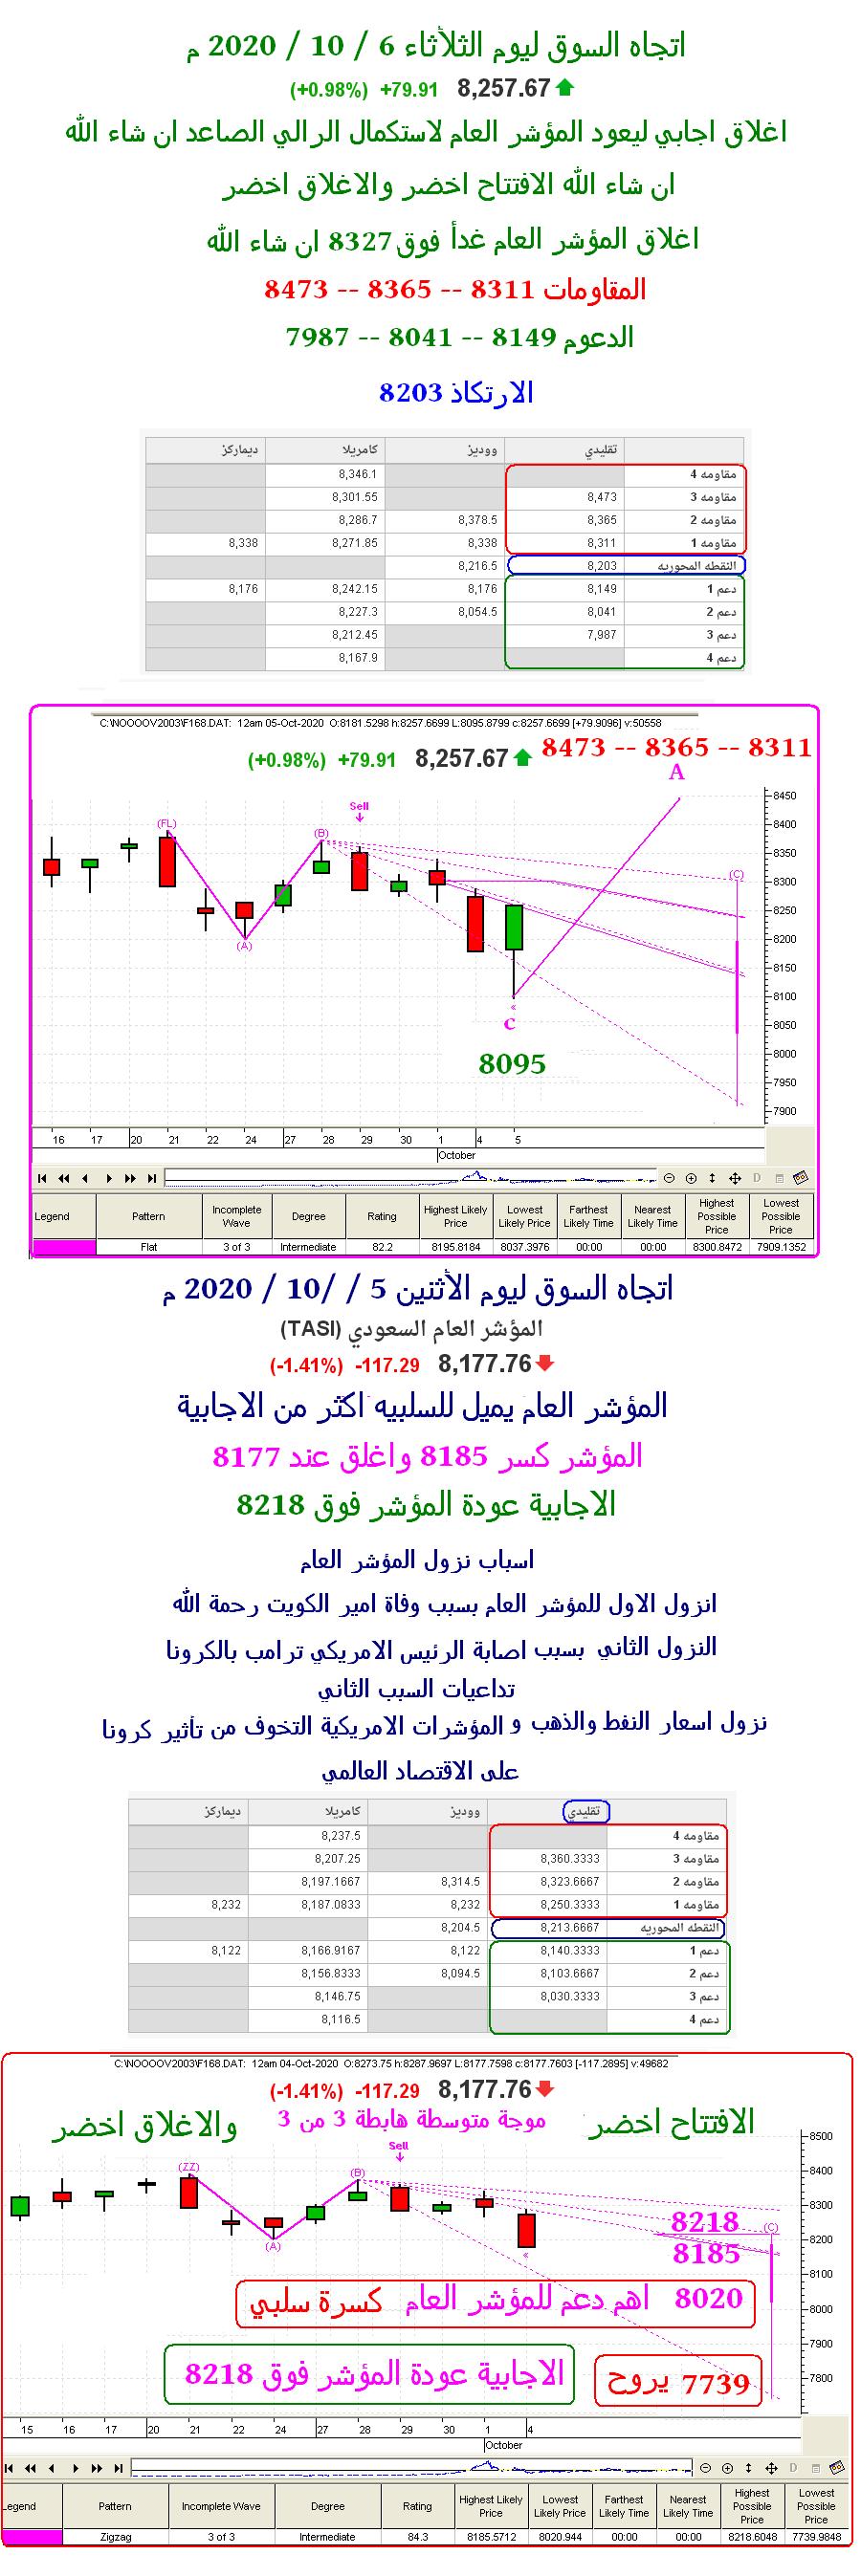 رد: اتجاه السوق ليوم الثلأثاء 6 / 10 -8311 - 8365 - 8473 ان شاء الله